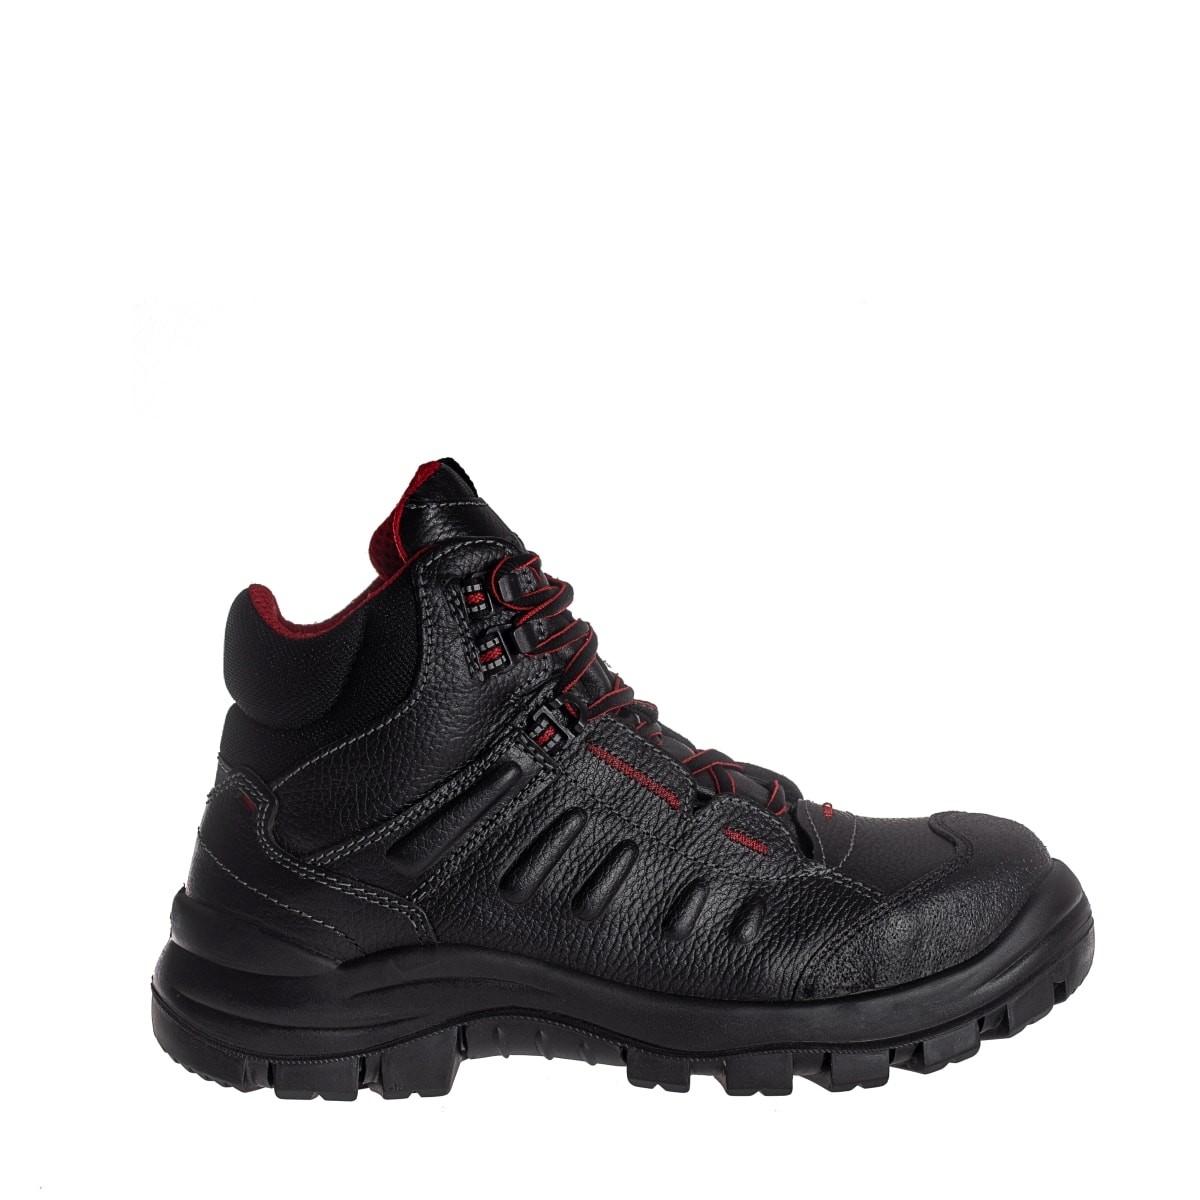 buty robocze S3 SRC Tobias z firmy Prabos